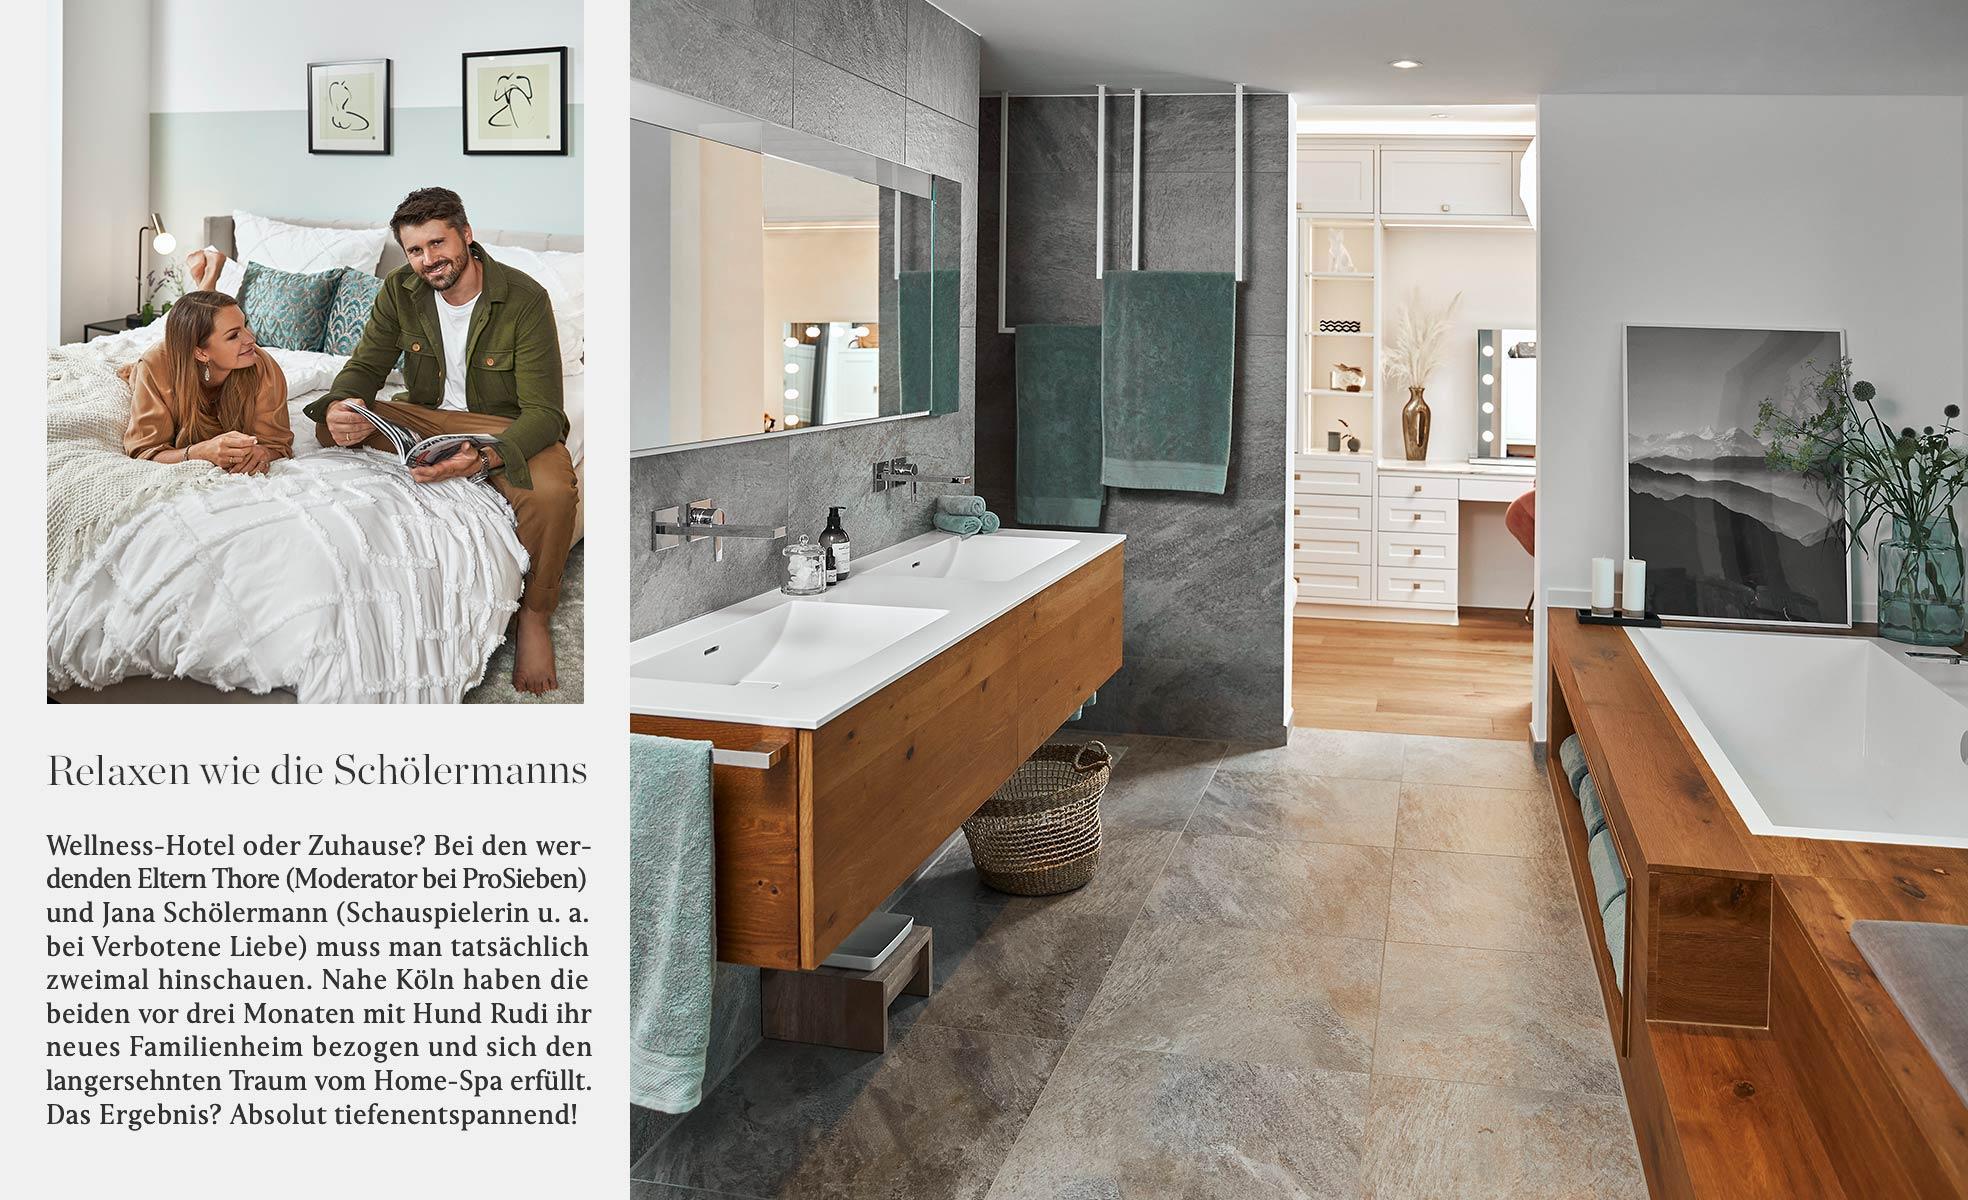 Thore Schoelermann Familie Neues Zuhause Hotel Stil